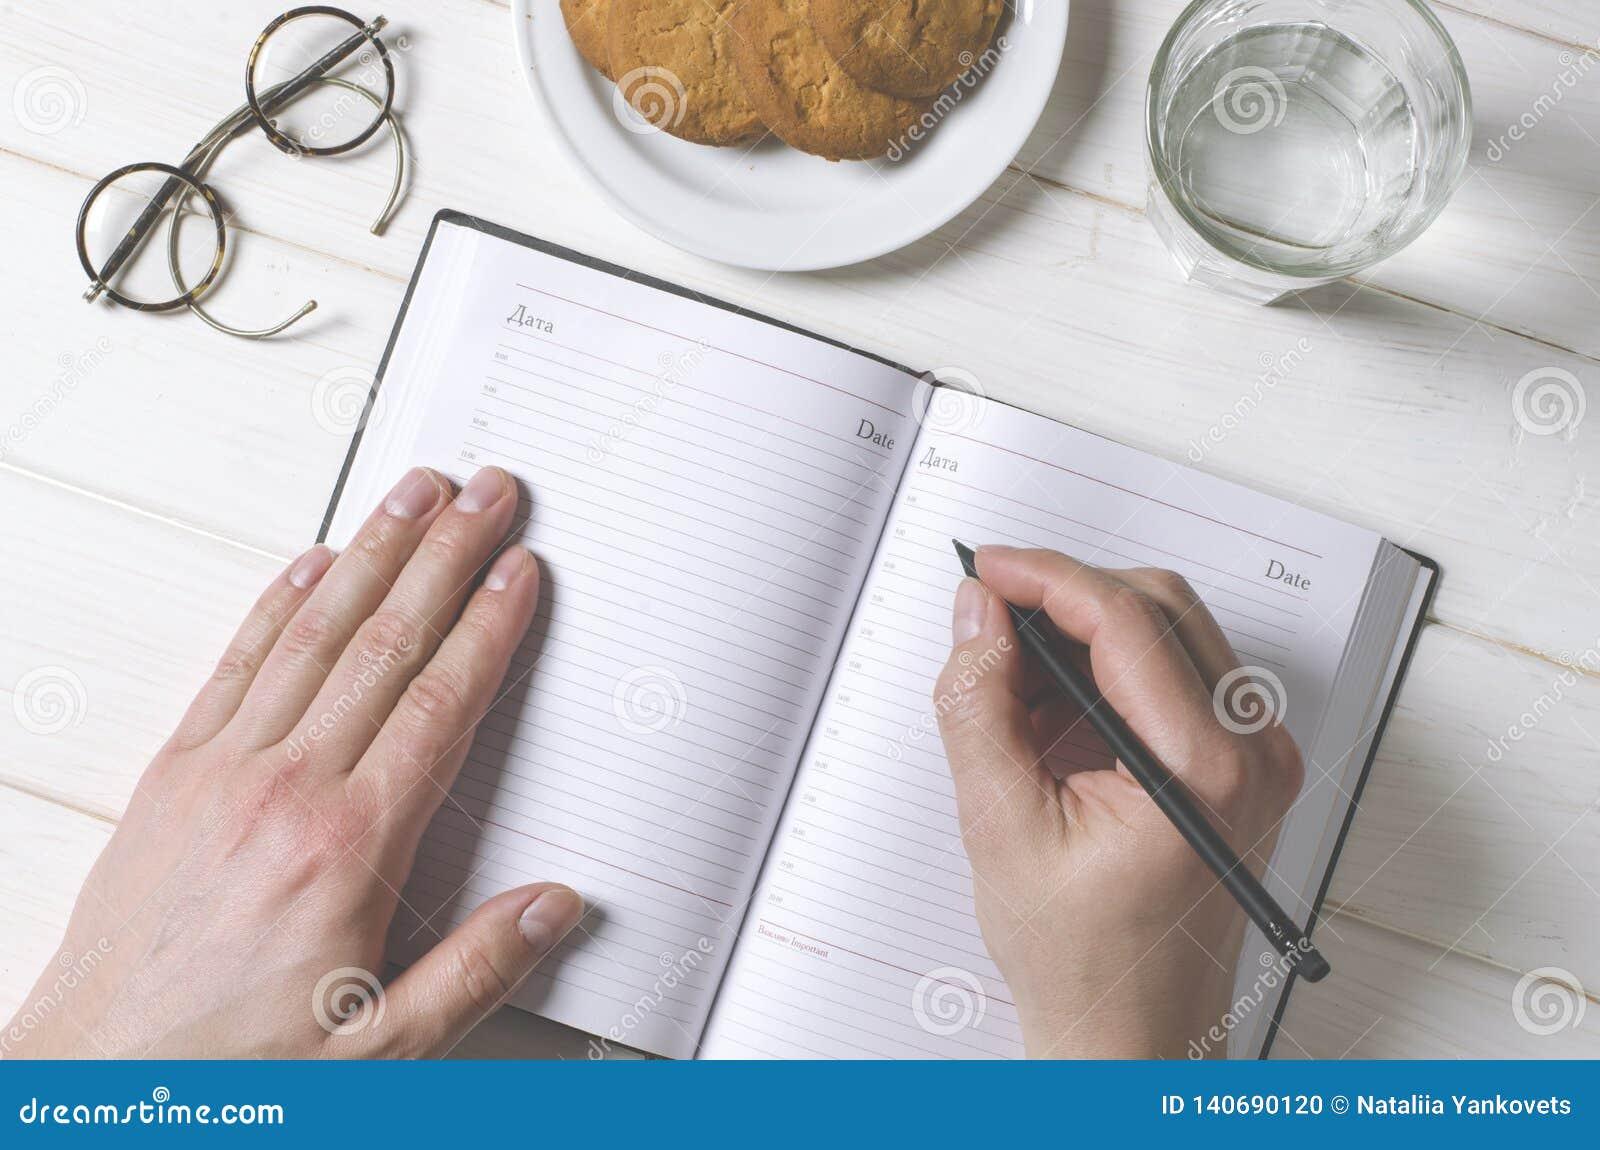 Руки человека писать примечания в тетрадь на деревянном столе в домашнем офисе